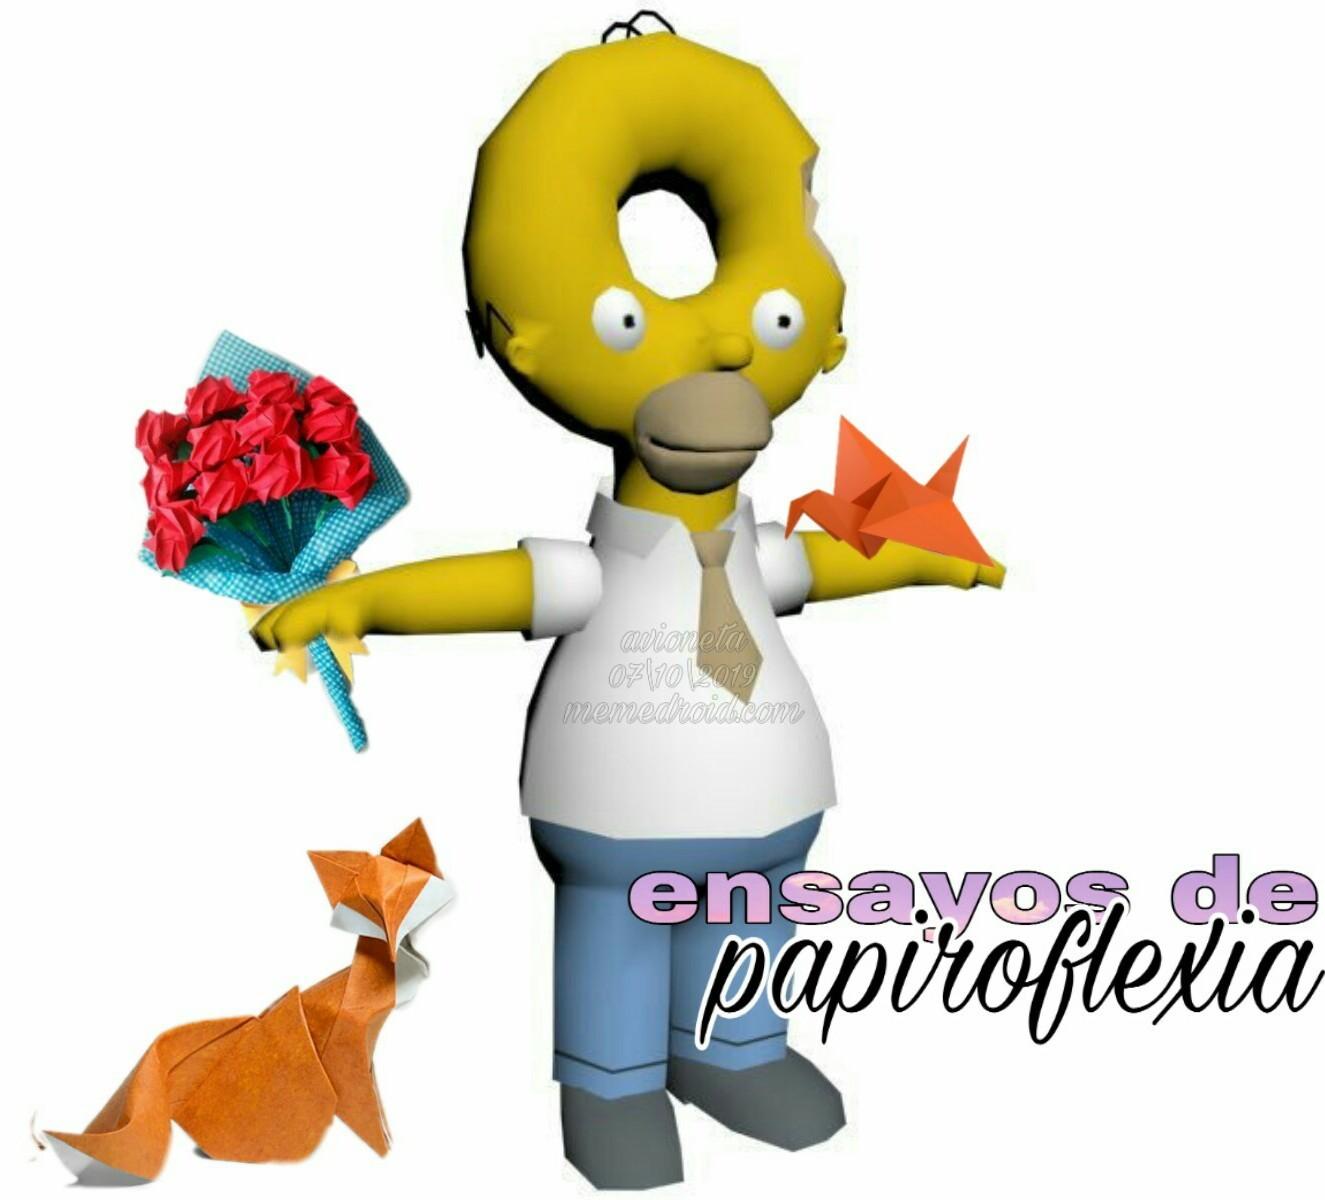 Homer y sus ENSAYOS DE PAPIROFLEXIA - meme